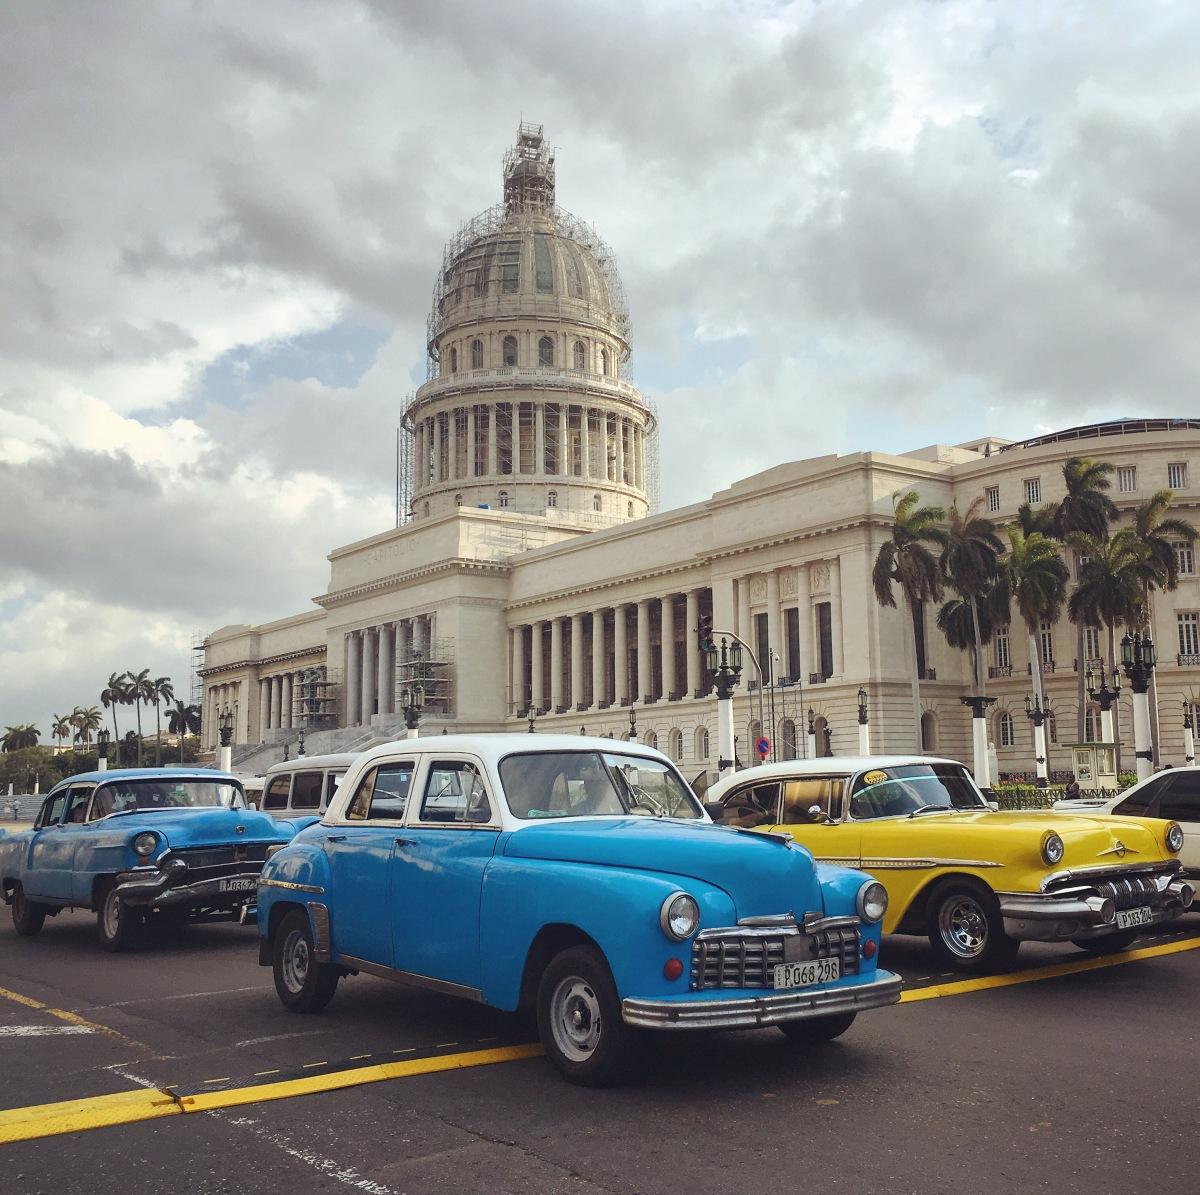 72 hours in Havana